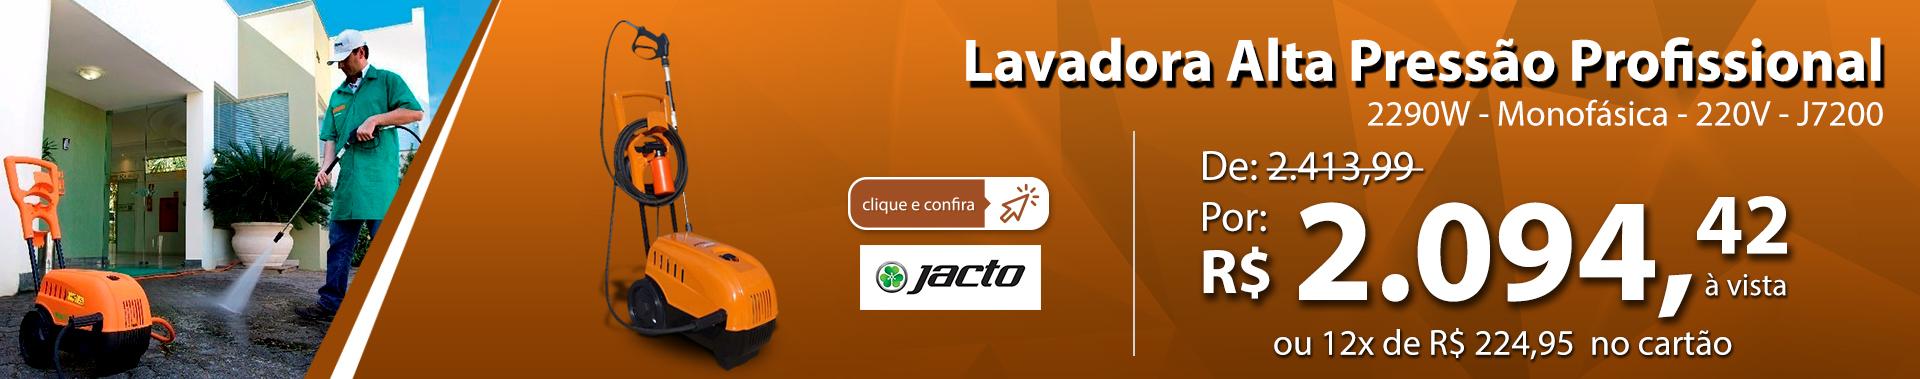 Lavadora Alta Pressão Profissional 2290W - Monofásica - 220V - Jacto J7200